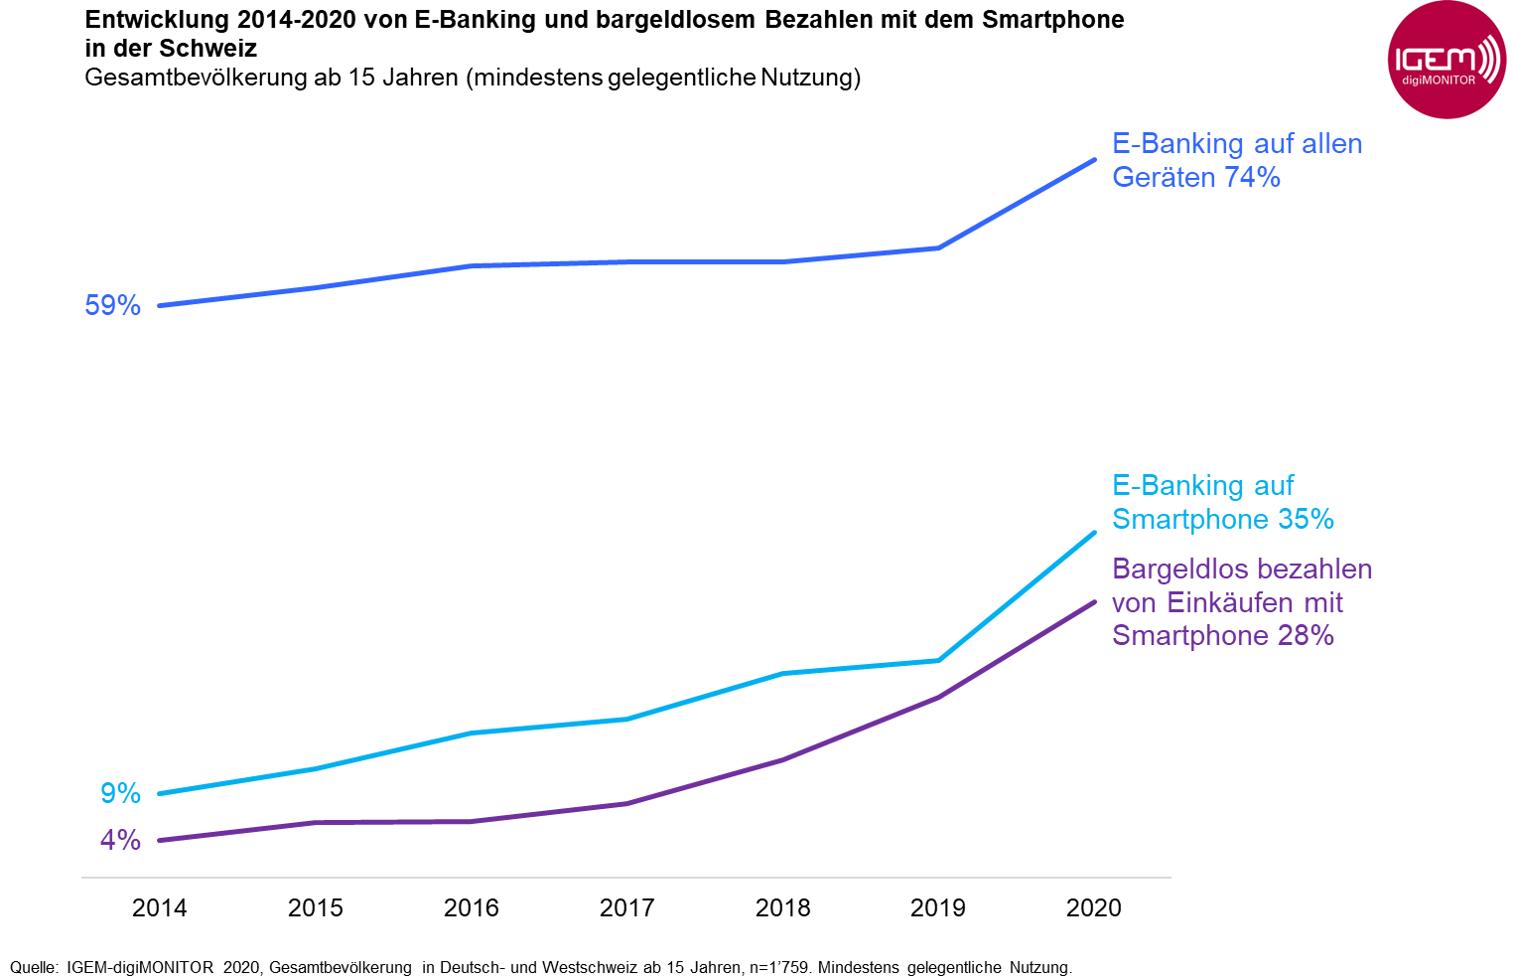 Grafik5_Entwicklung_E-Banking_bargeldlos zahlen_2014-2020_Gesamtbevölkerung